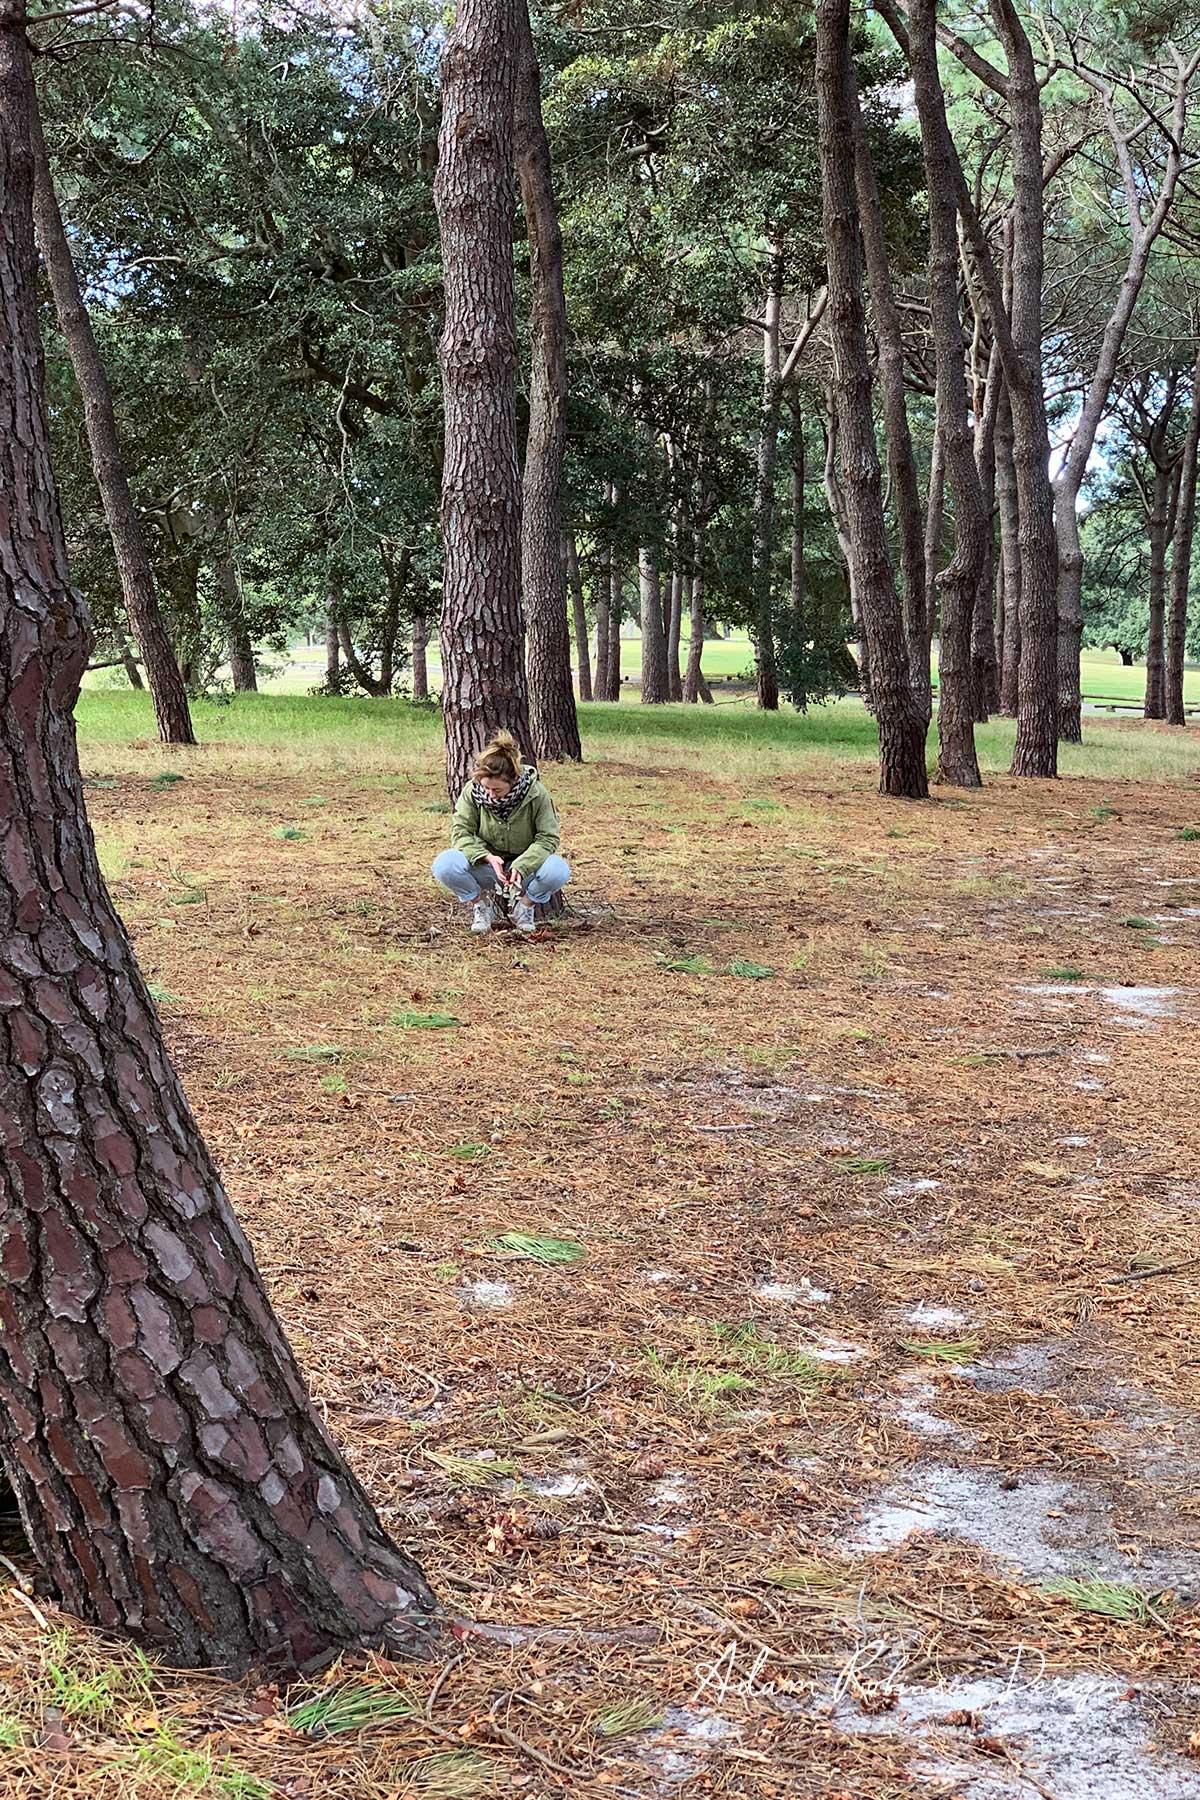 ©-Adam-Robinson-Design-Nurture-Your-Nature-Sydney's-First-Annual-Forest-Bathing-Event-09.jpg